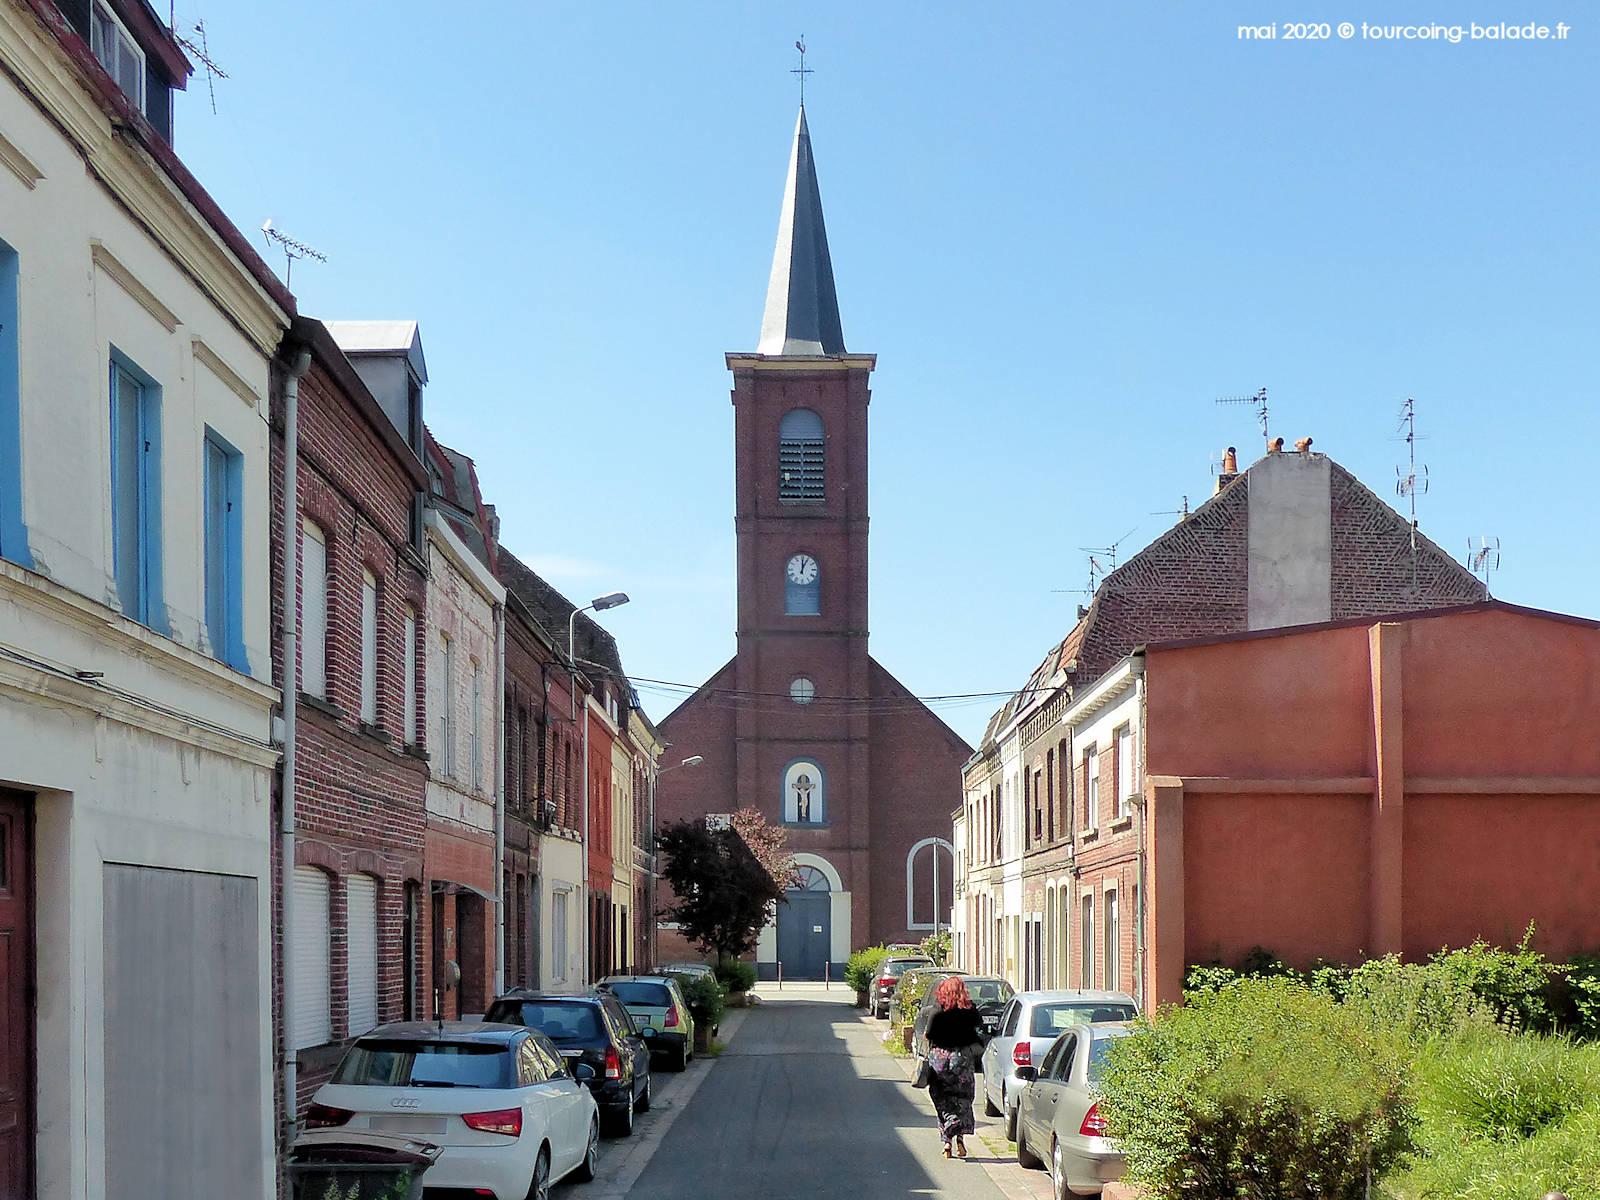 Église Saint-Éloi, Tourcoing - 2020